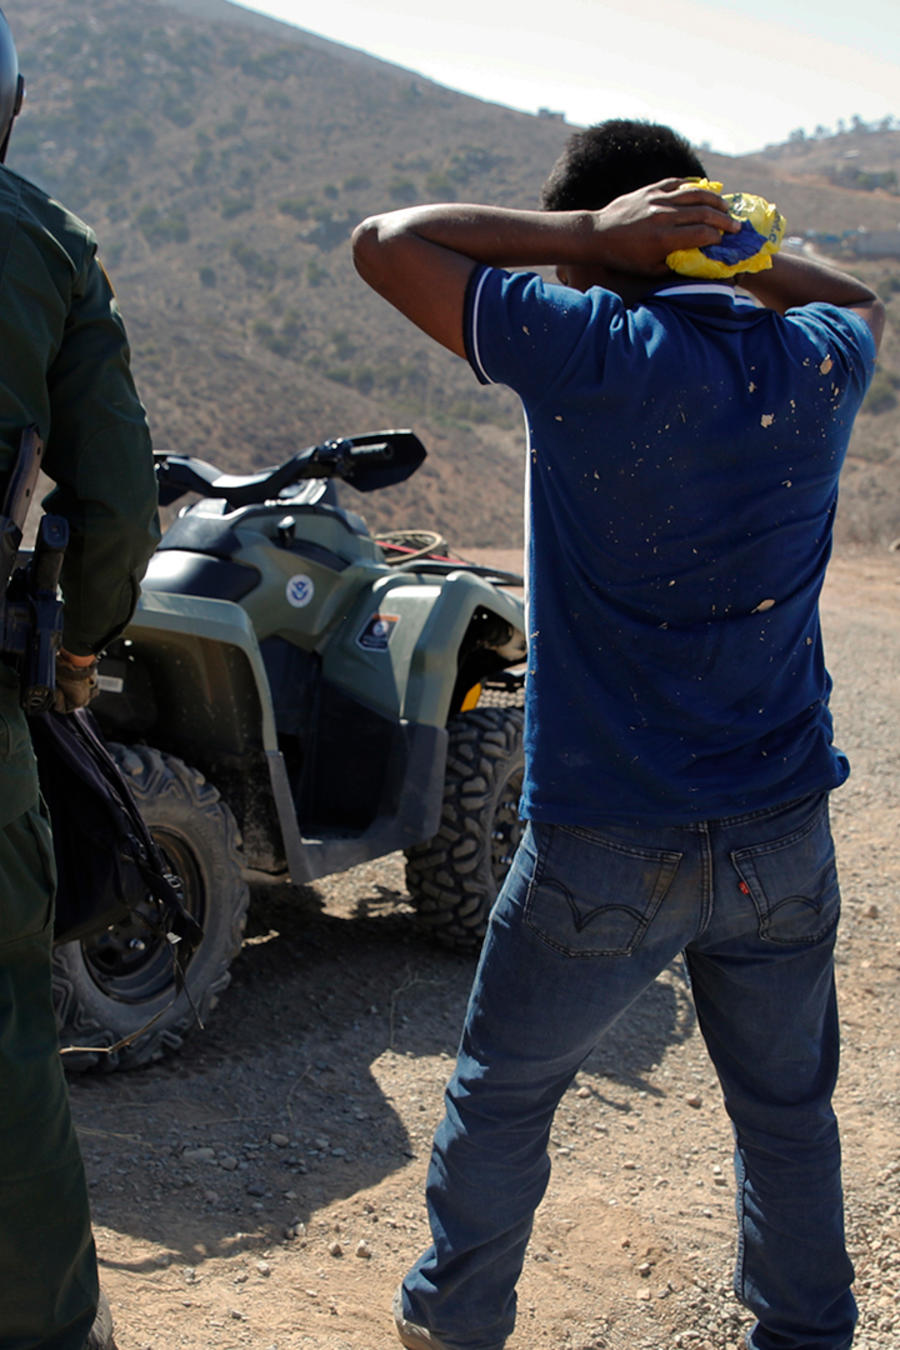 Un patrullero de la frontera detiene a un inmigrante que cruzó ilegalmente al frontera con su hijo el 28 de junio de 2018